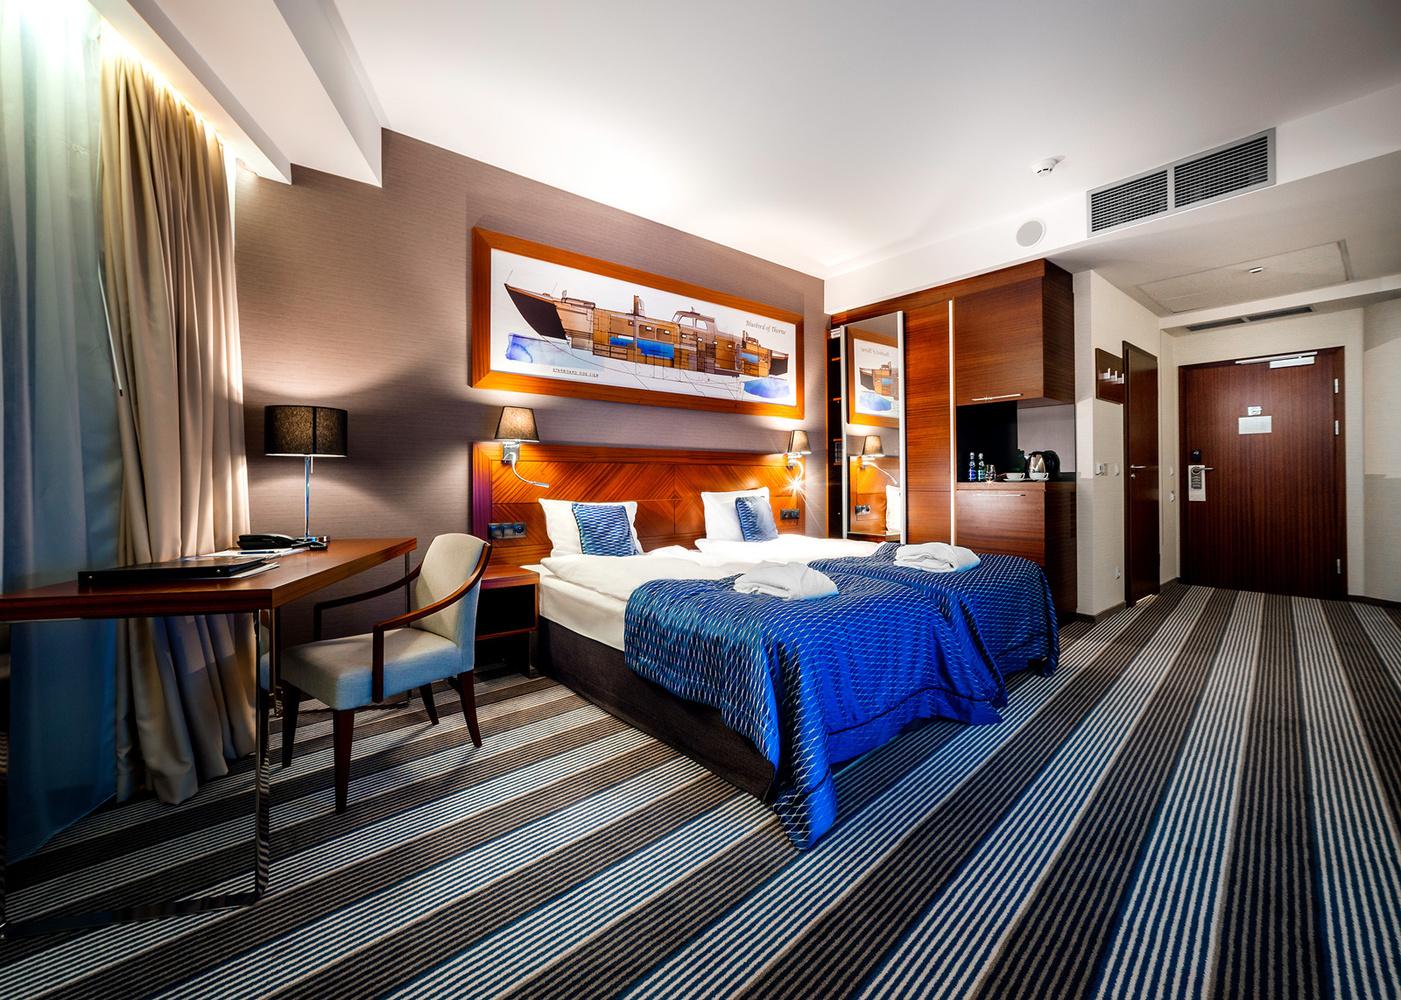 Hotel interior by Tom Piaf